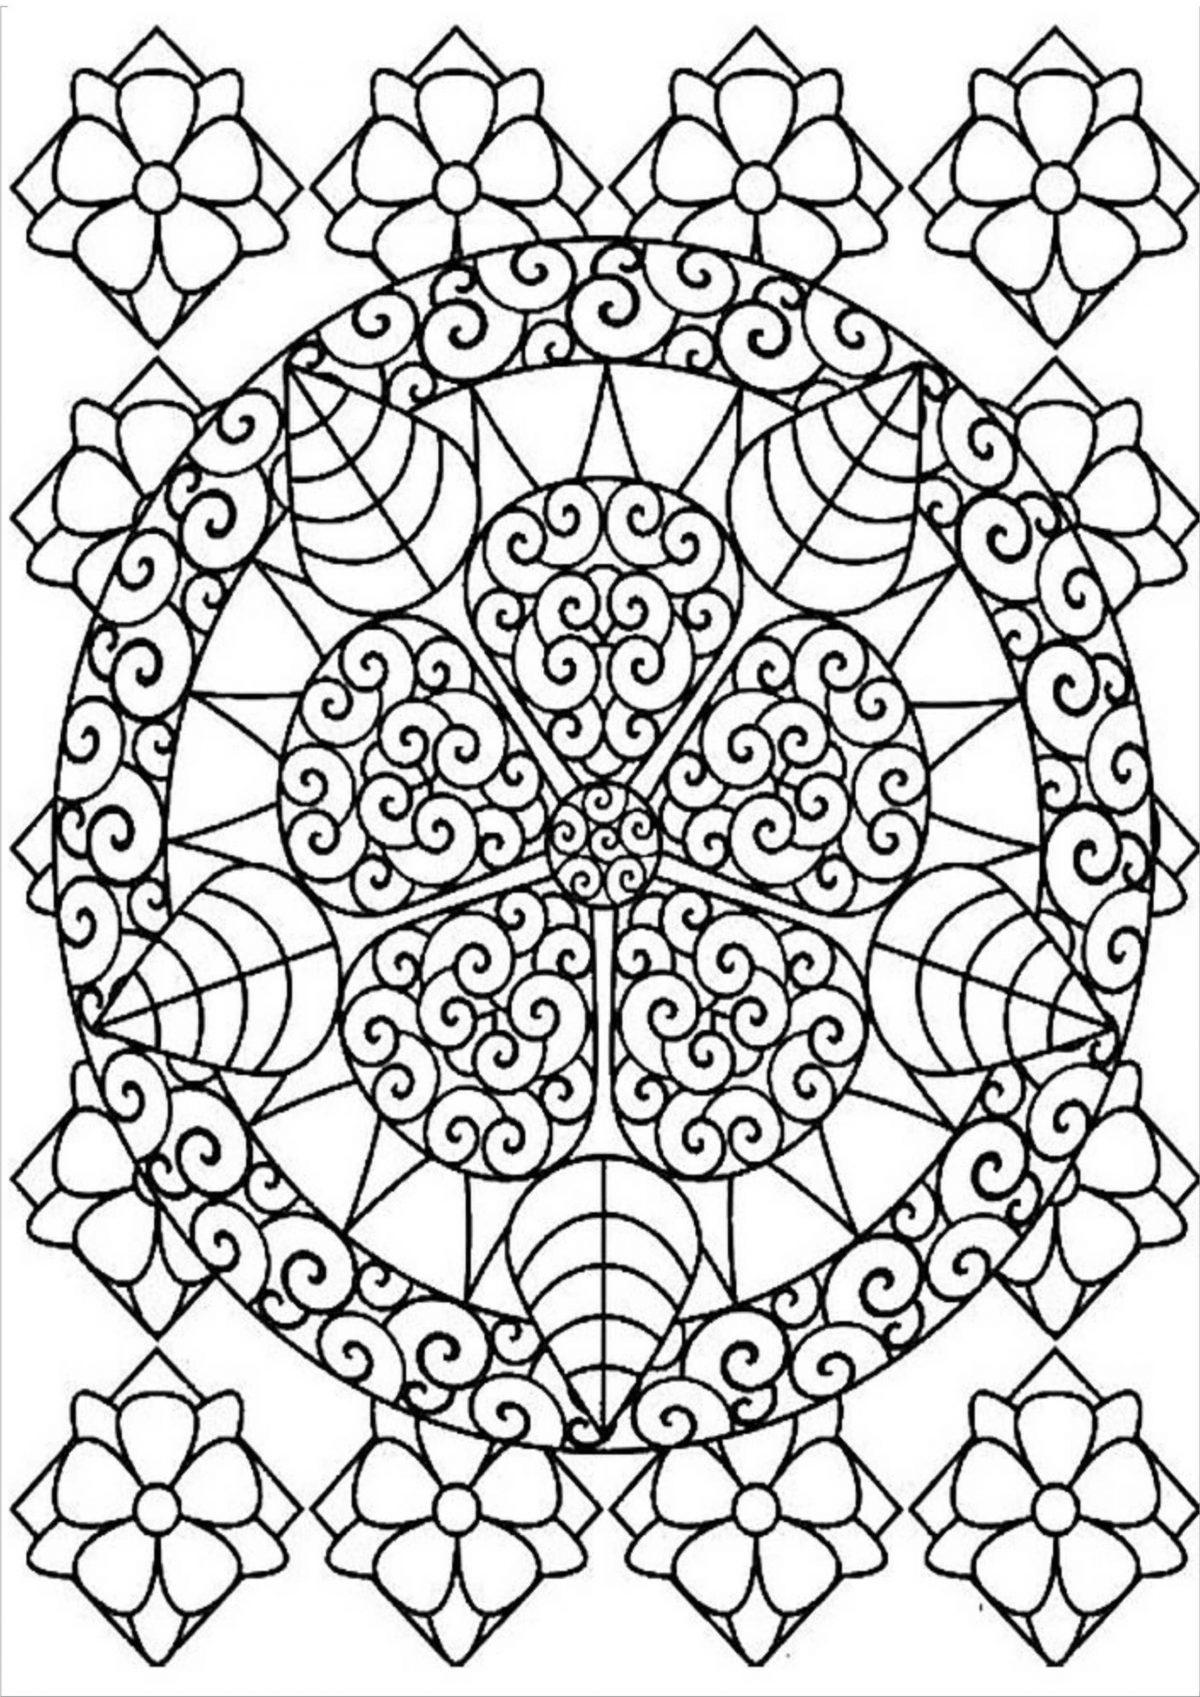 Раскраска узор в круге на весь лист - Раскраски А4 формата ...